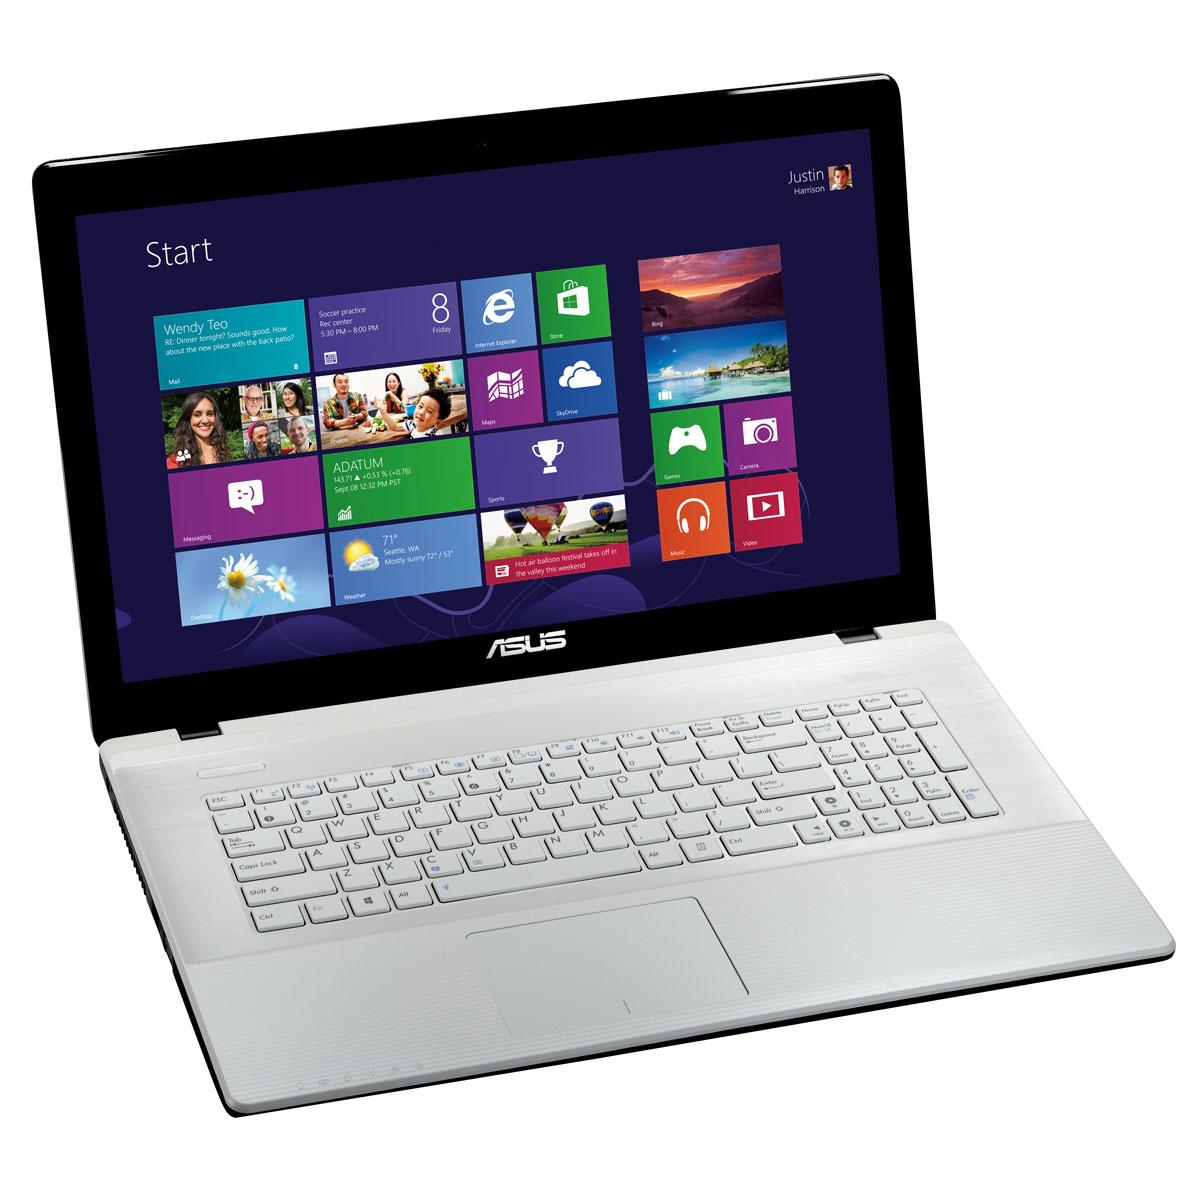 """PC portable ASUS X75VC-TY043H Blanc Intel Pentium 2020M 4 Go 1 To 17.3"""" LED NVIDIA GeForce GT 720M Graveur DVD Wi-Fi N Webcam Windows 8 64 bits (garantie constructeur 1 an)"""